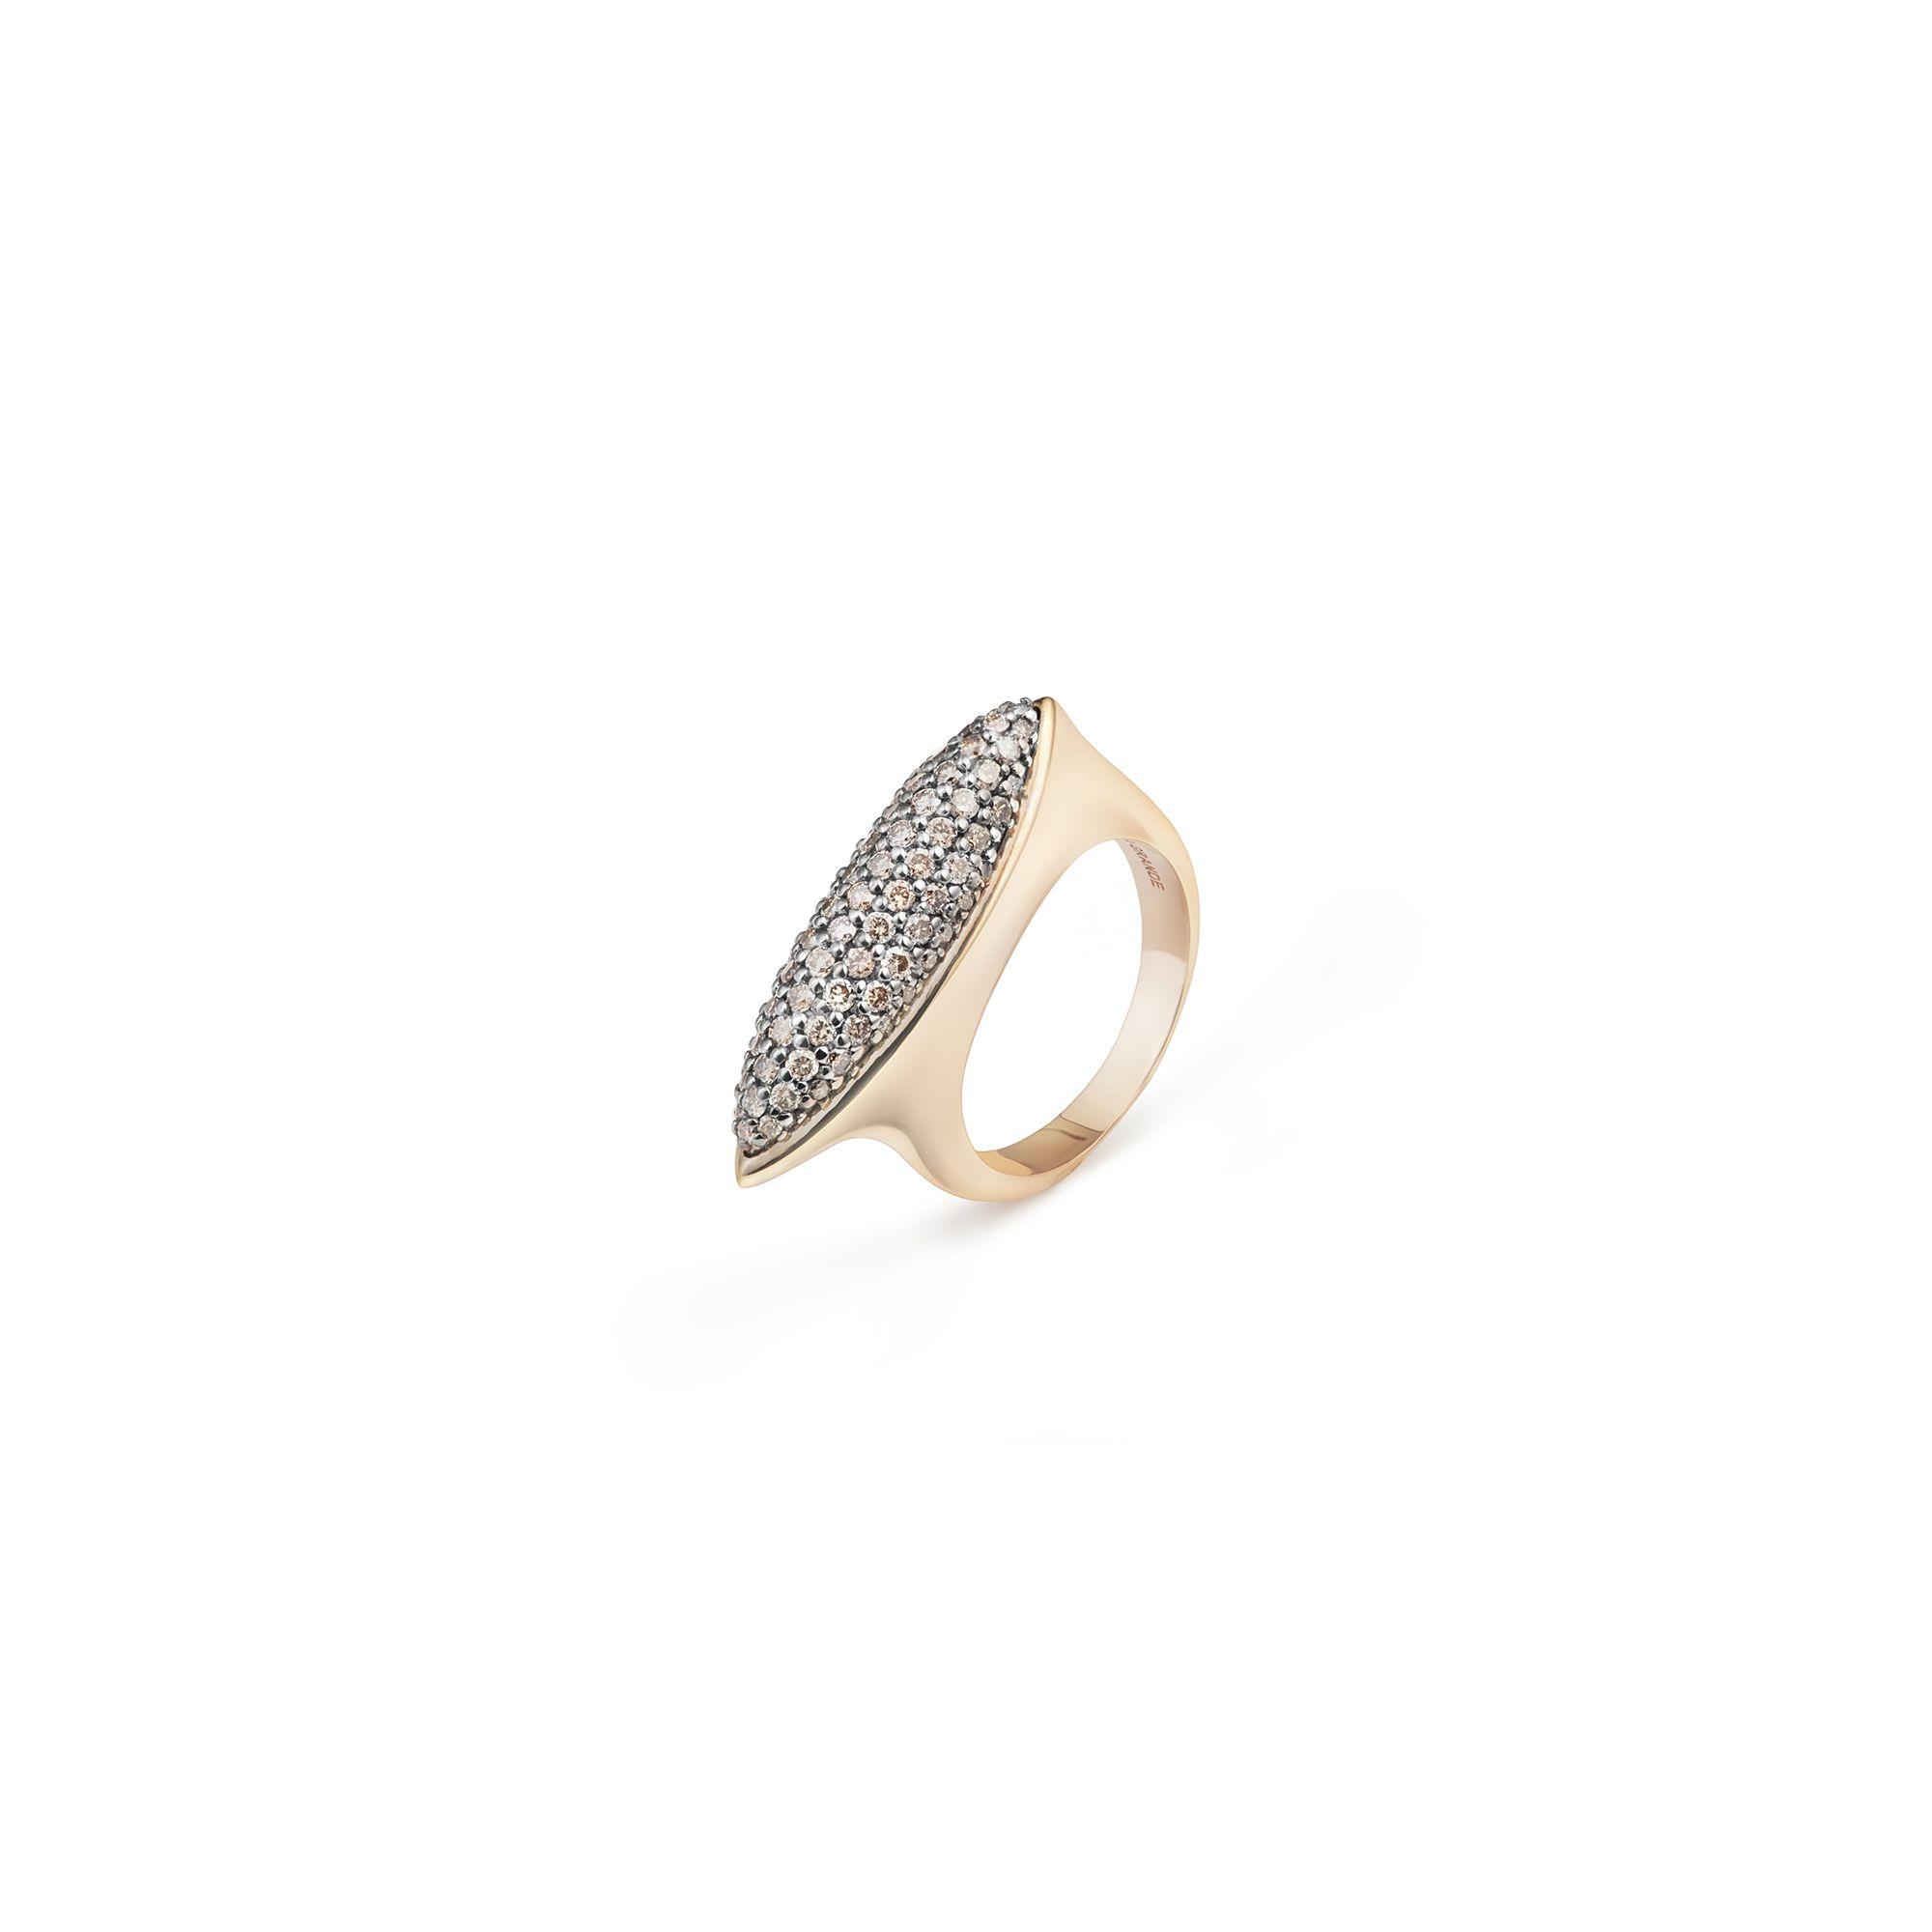 Anello Navetta con diamanti Anello in oro rosa e diamanti champagne